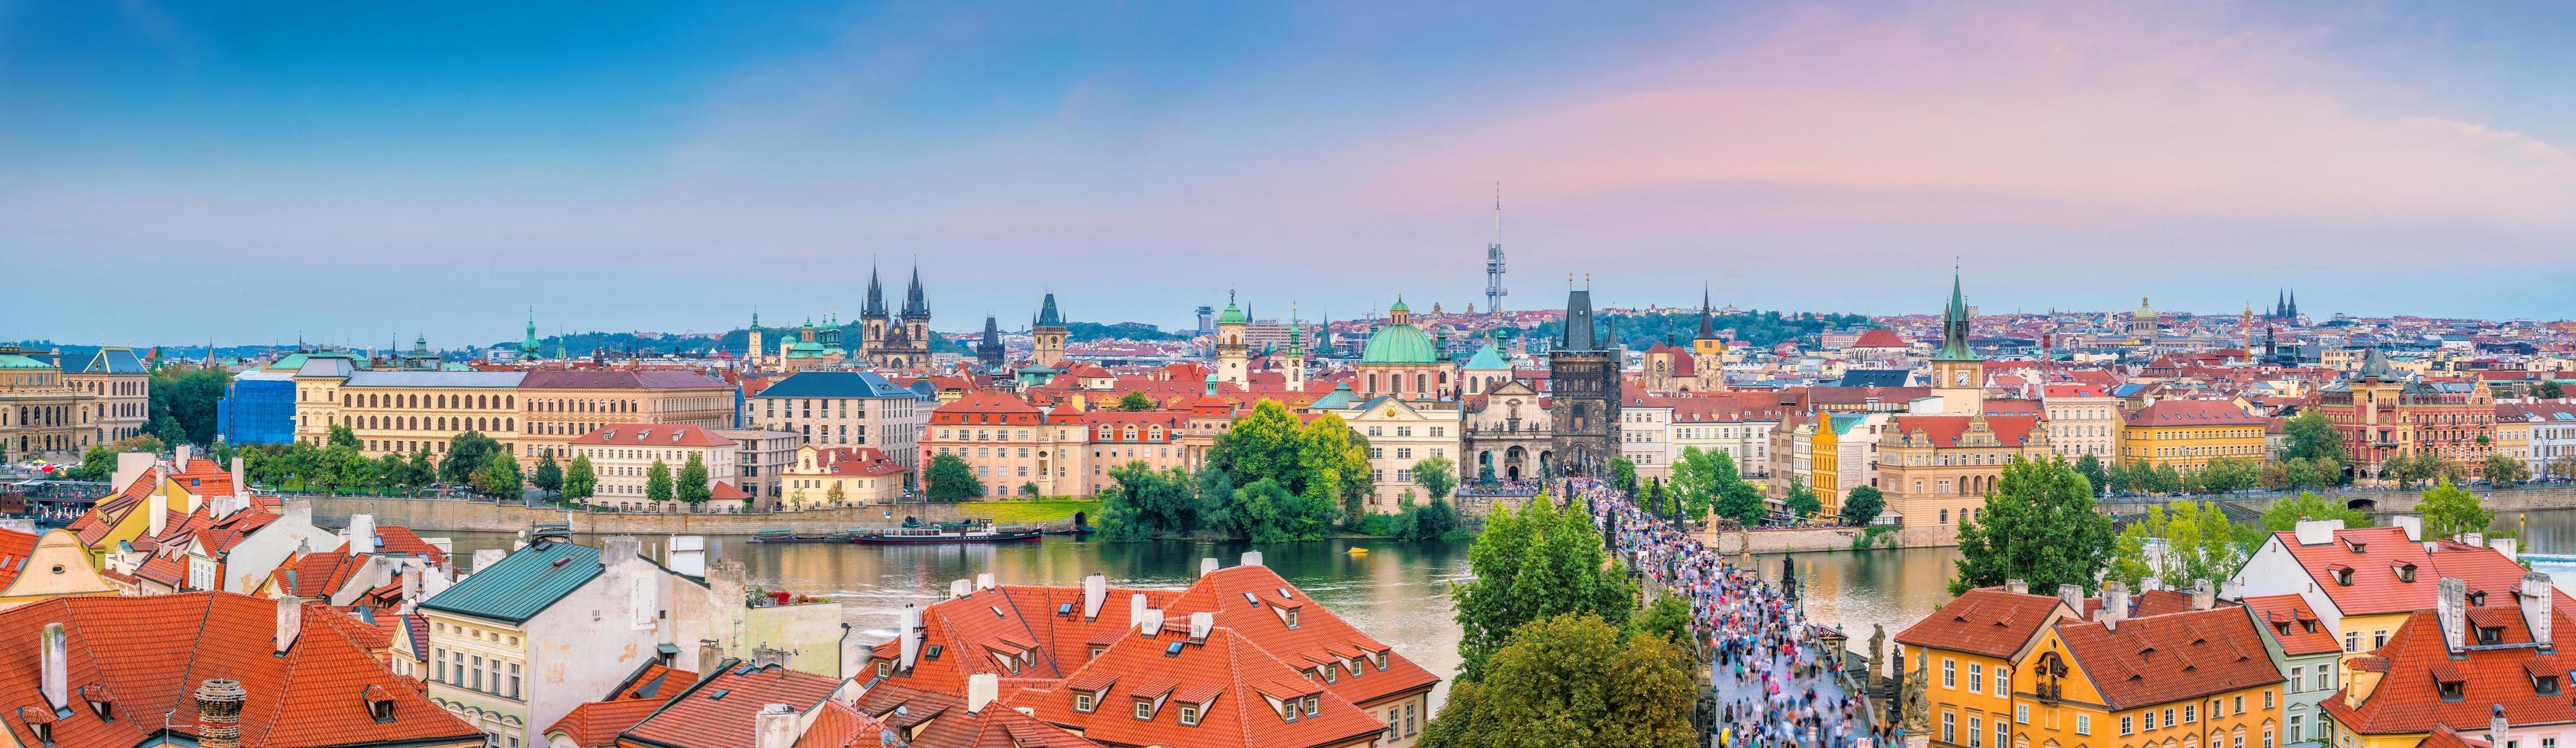 Prag Innenstadt Skyline foto